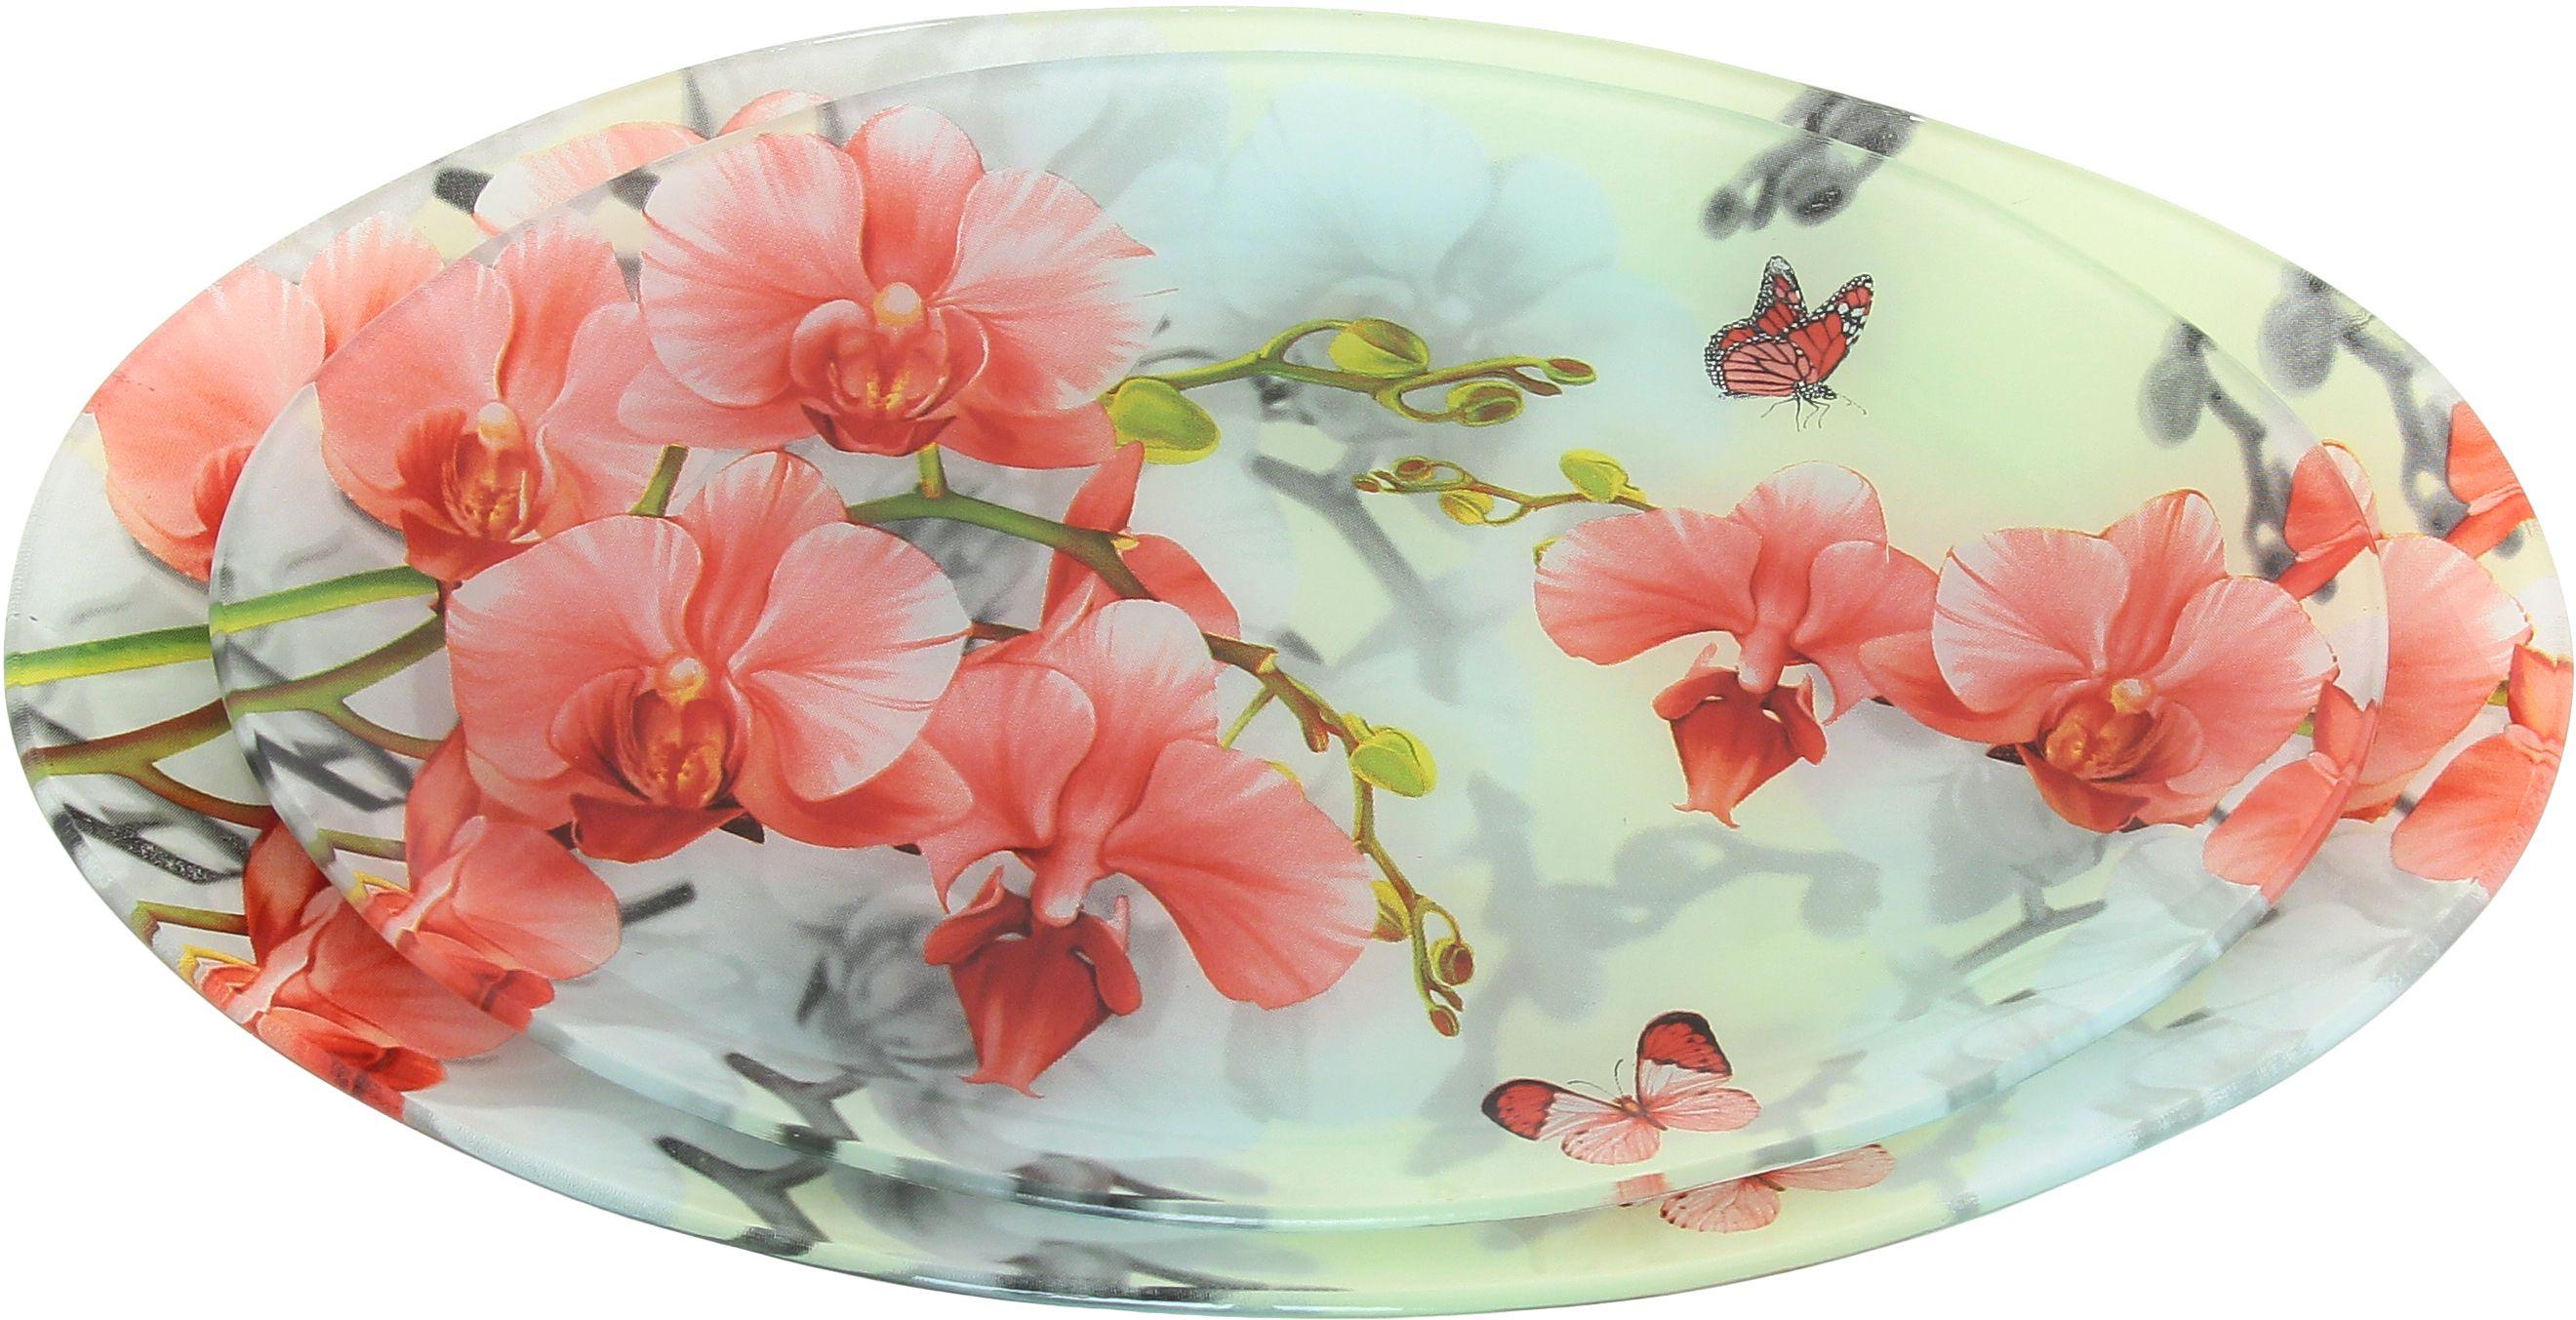 Набор блюд Elan Gallery Орхидея розовая, 2 предмета890118Не важно, какая у Вас посуда, в цветочек, белая, цветная, в горошек или полоску, посуда из стекла подойдет к любой. Придает легкость, воздушность сервировке стола и создаст особую атмосферу праздника.